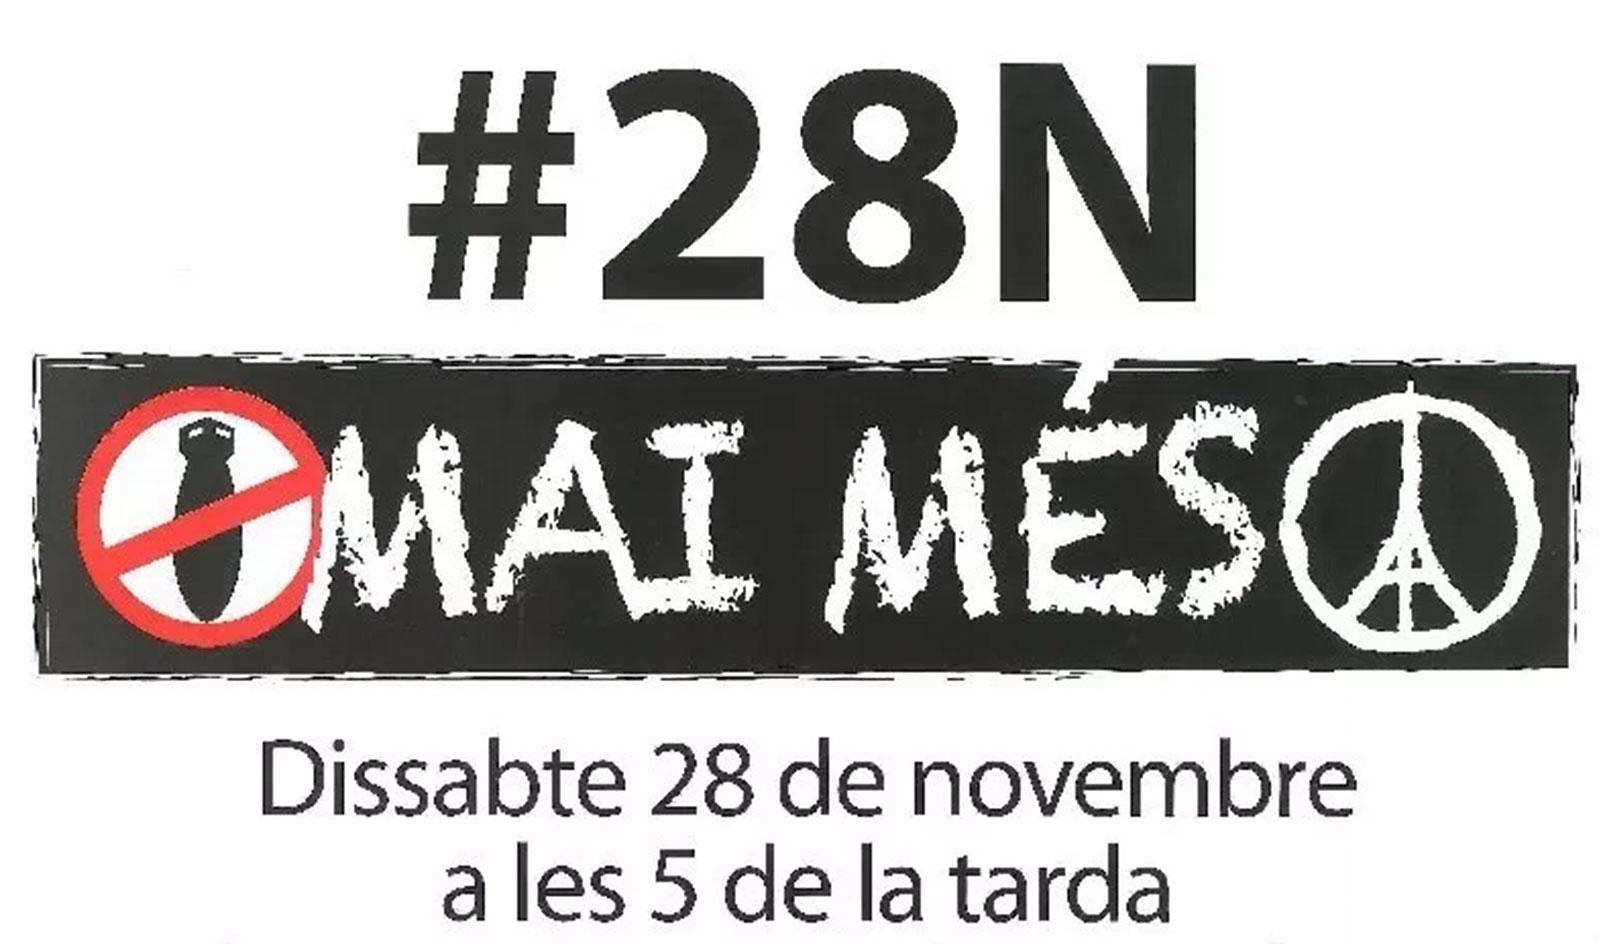 28N: Tothom al carrer en rebuig a la violència i a favor dels drets humans